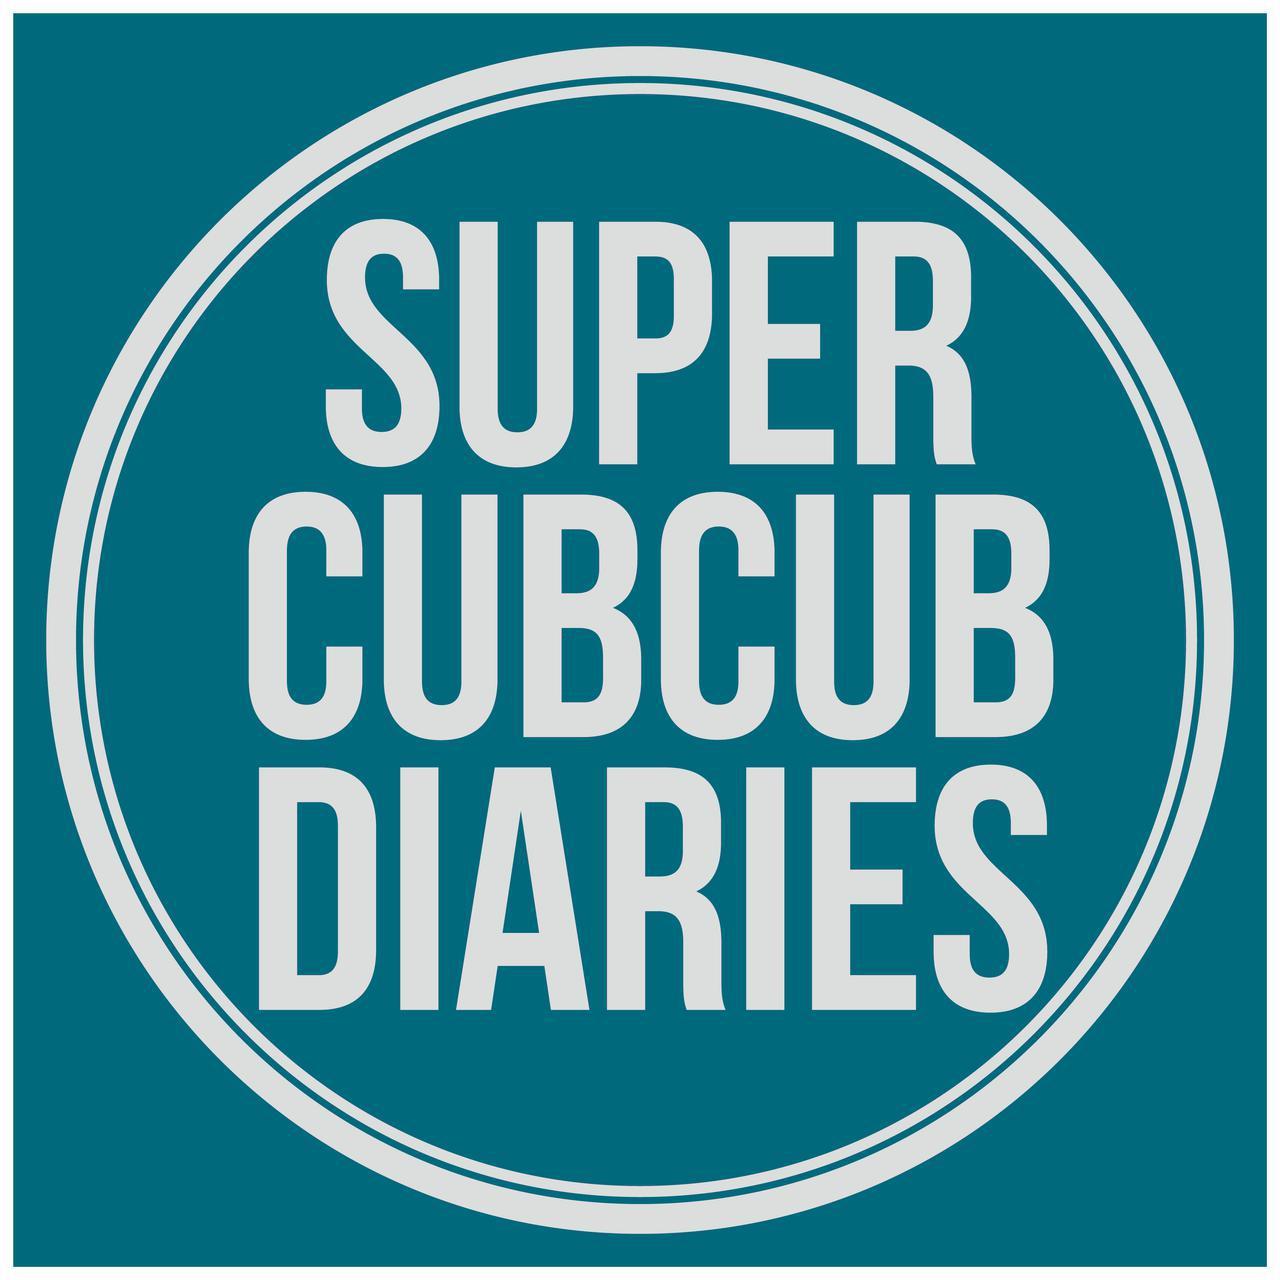 画像1: ここが変わったスーパーカブC125。新型C125の変更点について、プロに聞いてきたよ。〈若林浩志のスーパー・カブカブ・ダイアリーズ Vol.93〉